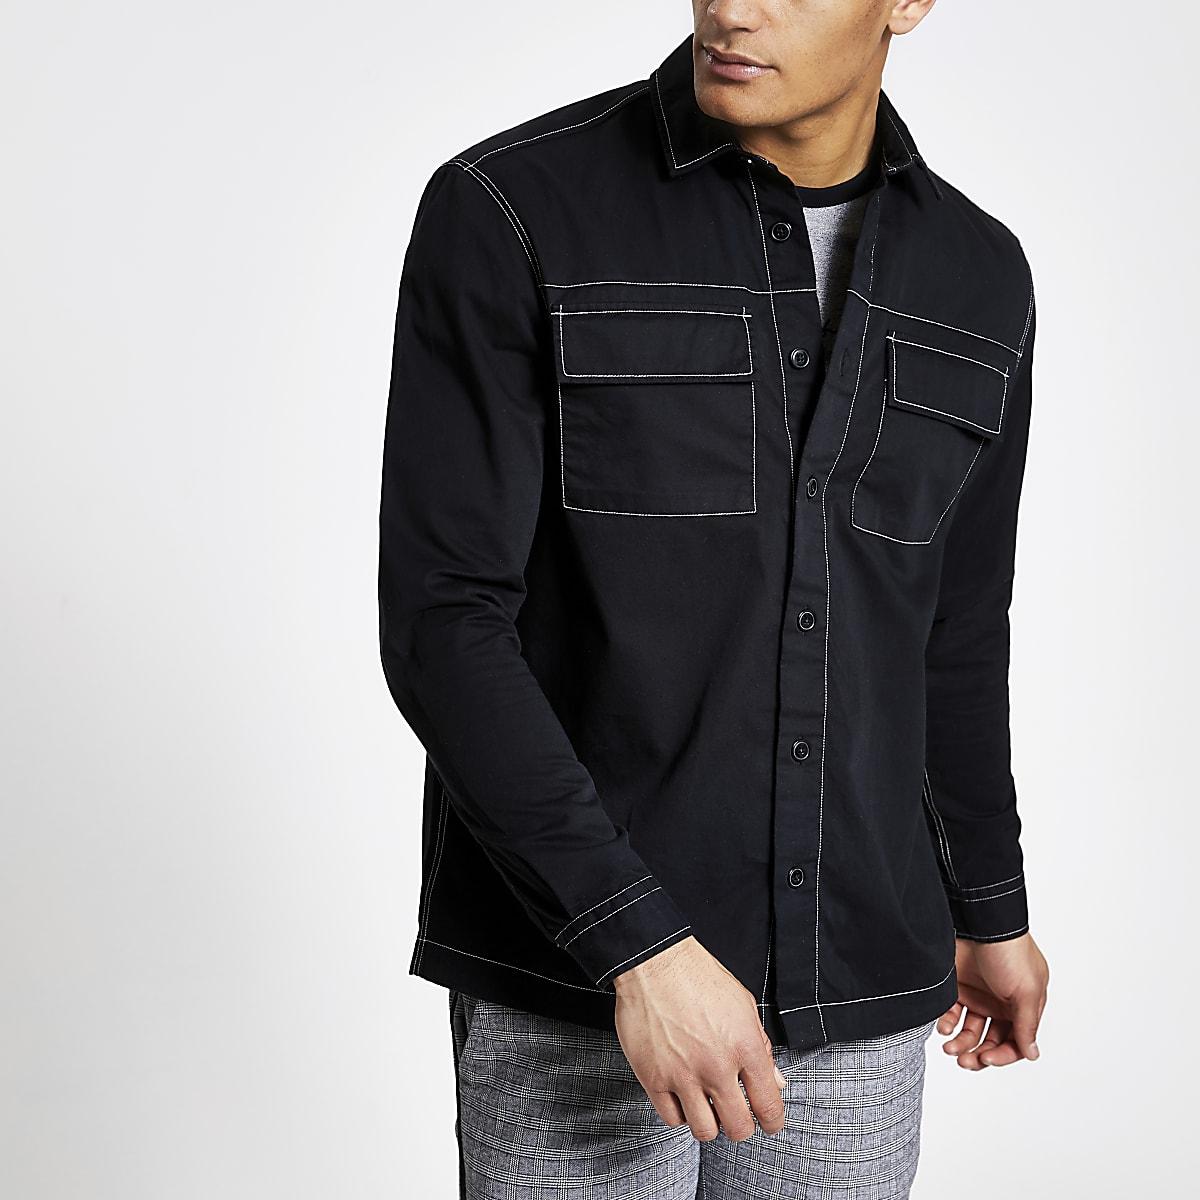 Zwart contrasterend overshirt met lange mouwen